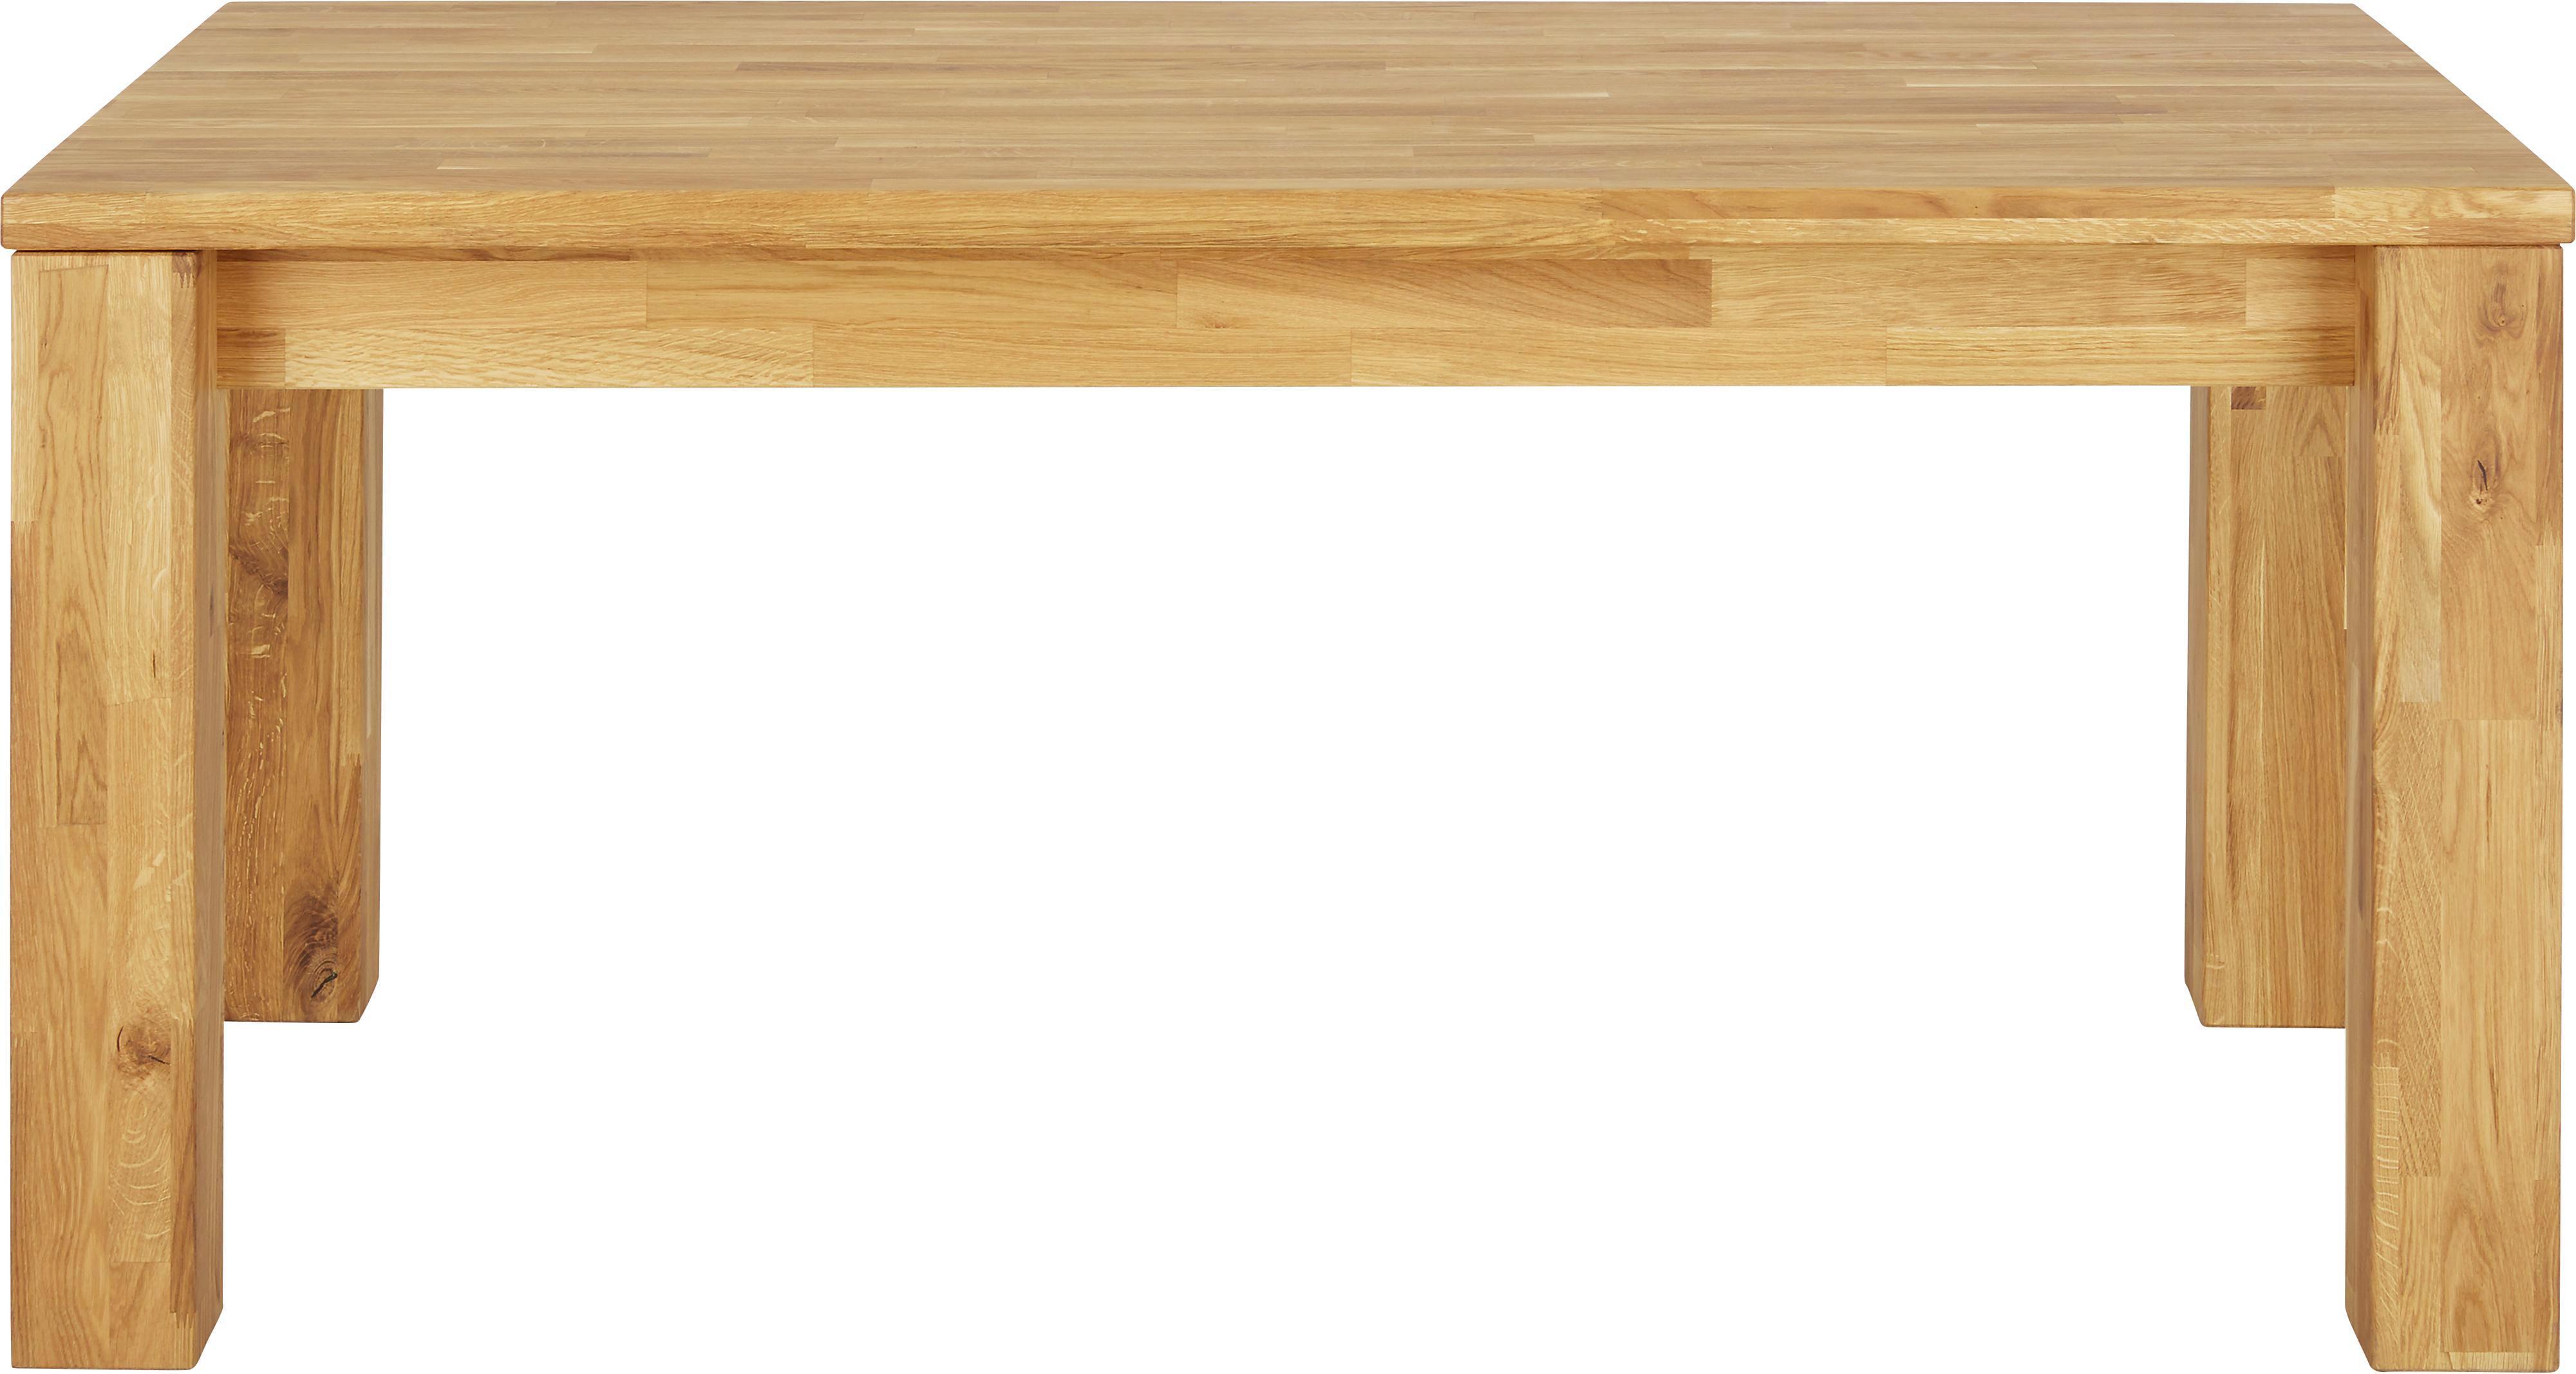 Gartentisch 80x80 Gartentisch Mit Rahmen Maja 80x80 Cm Kreutz